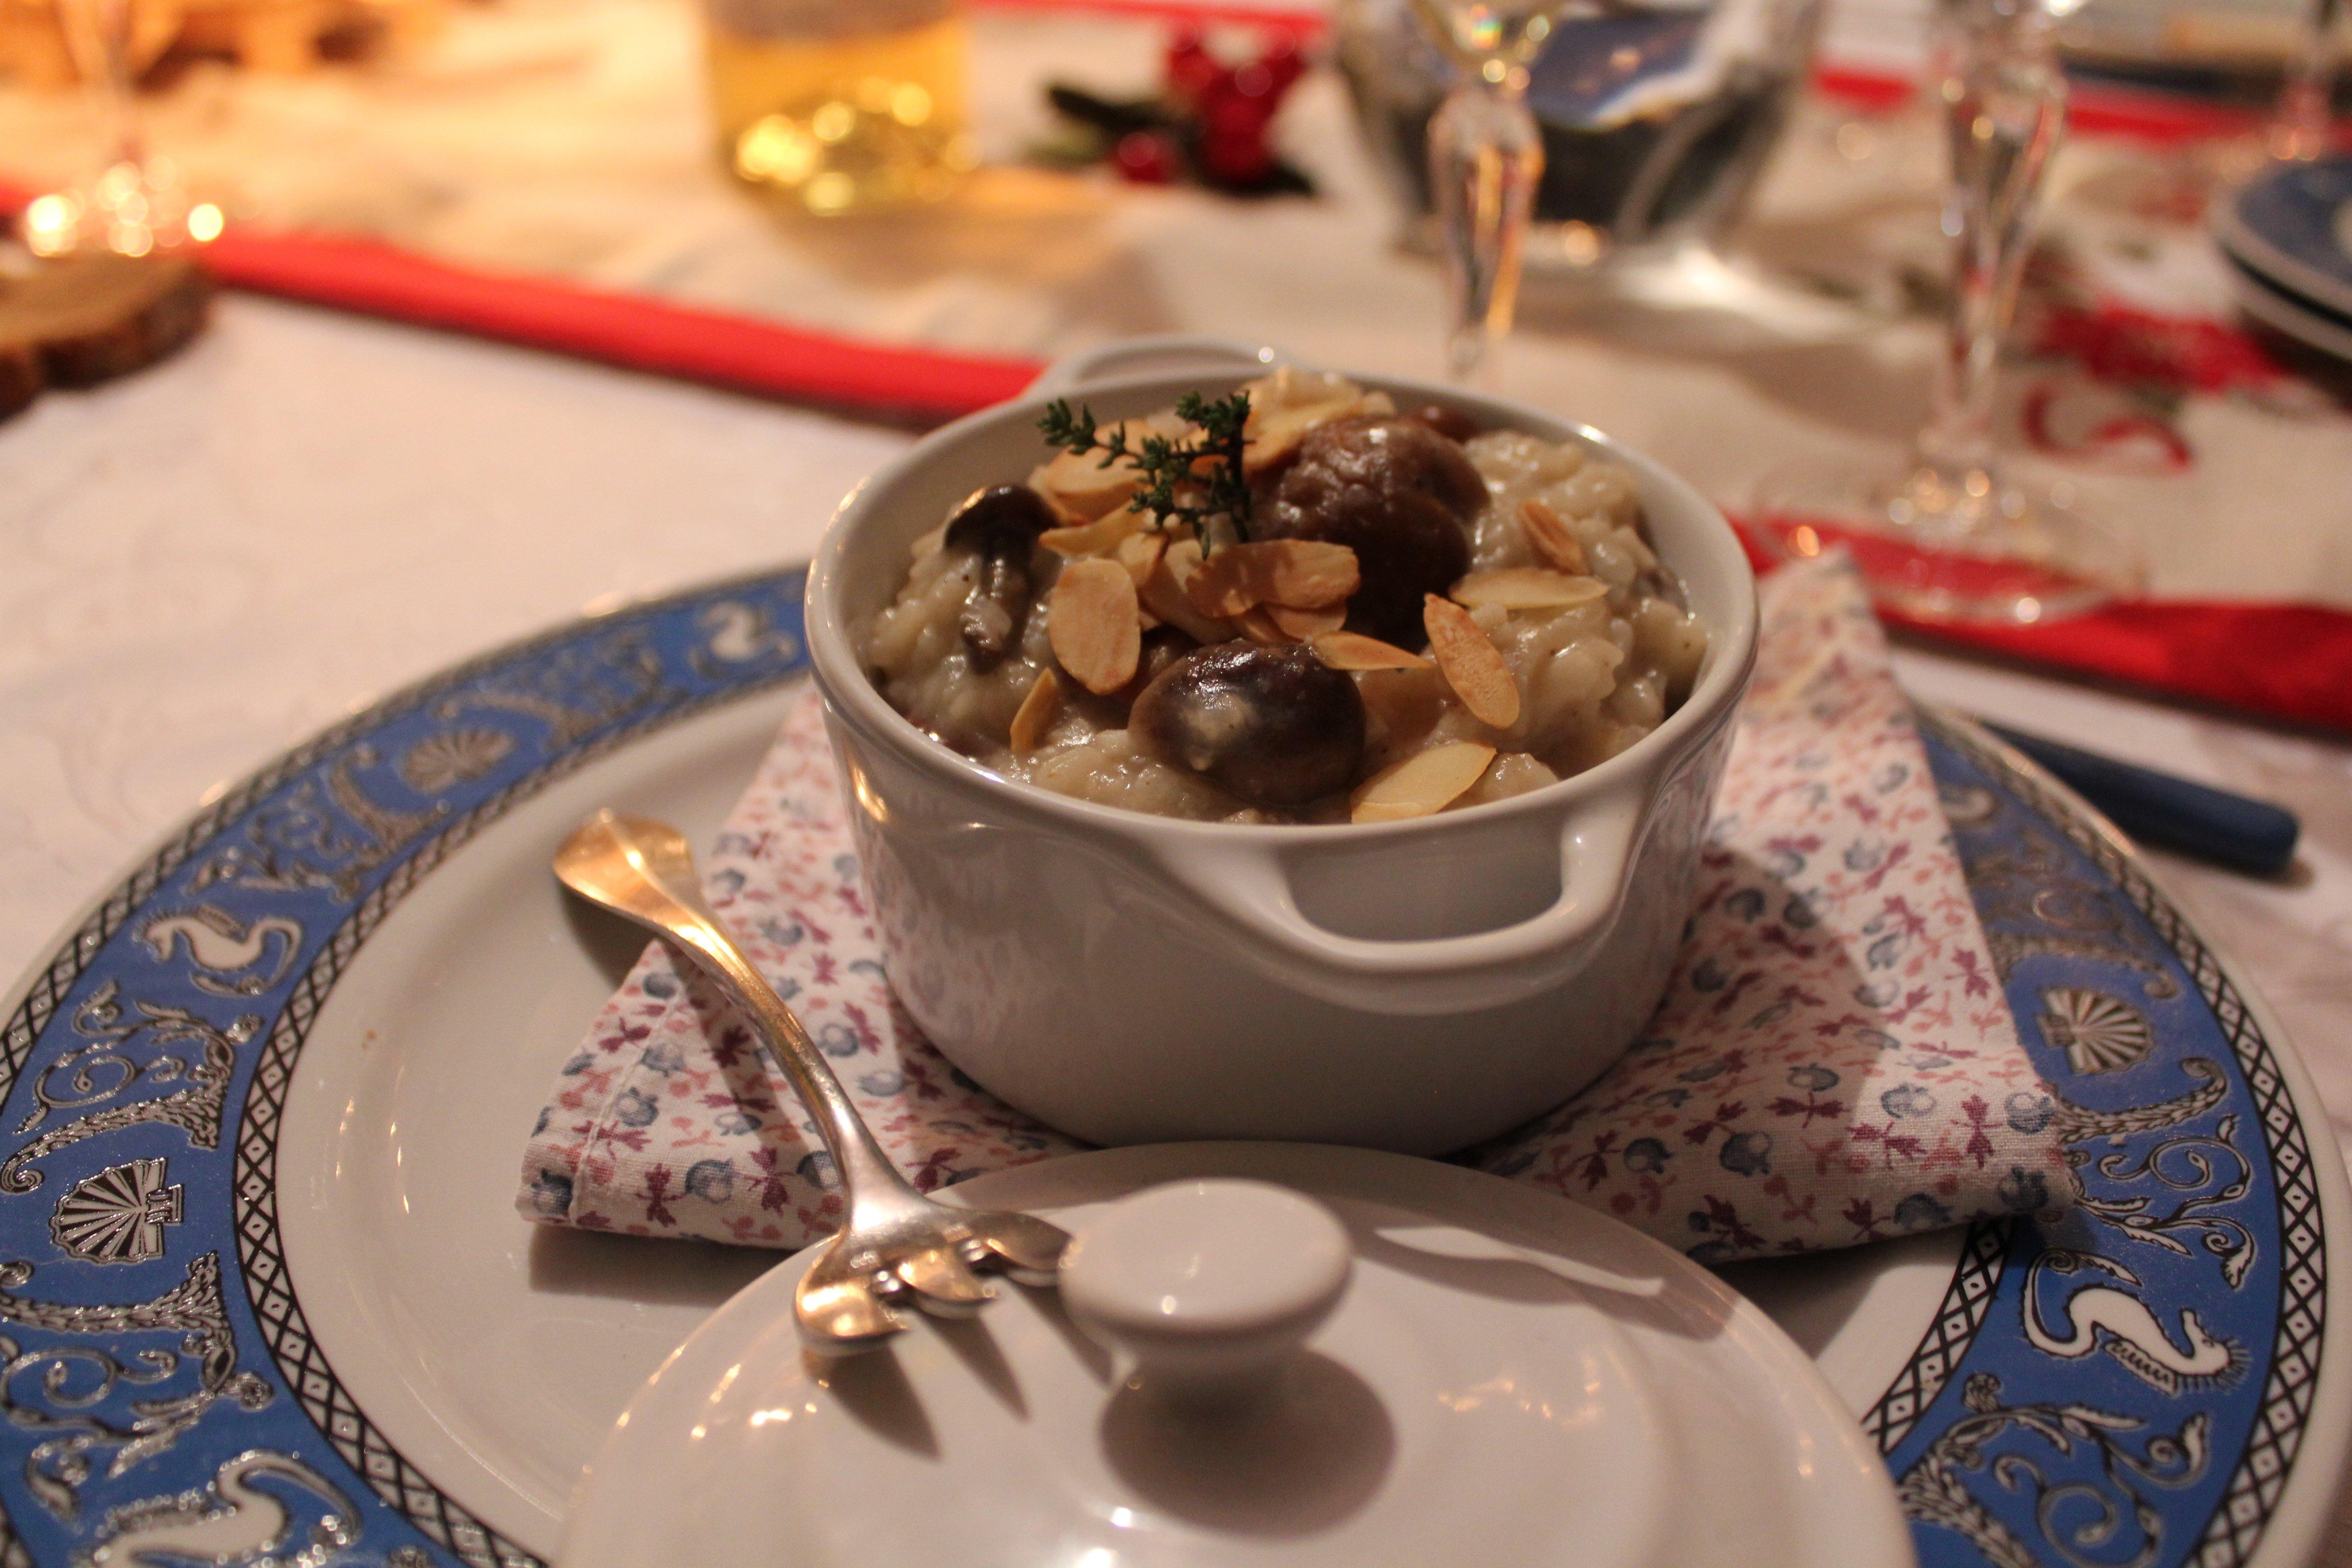 Risotto champignon & chataigne